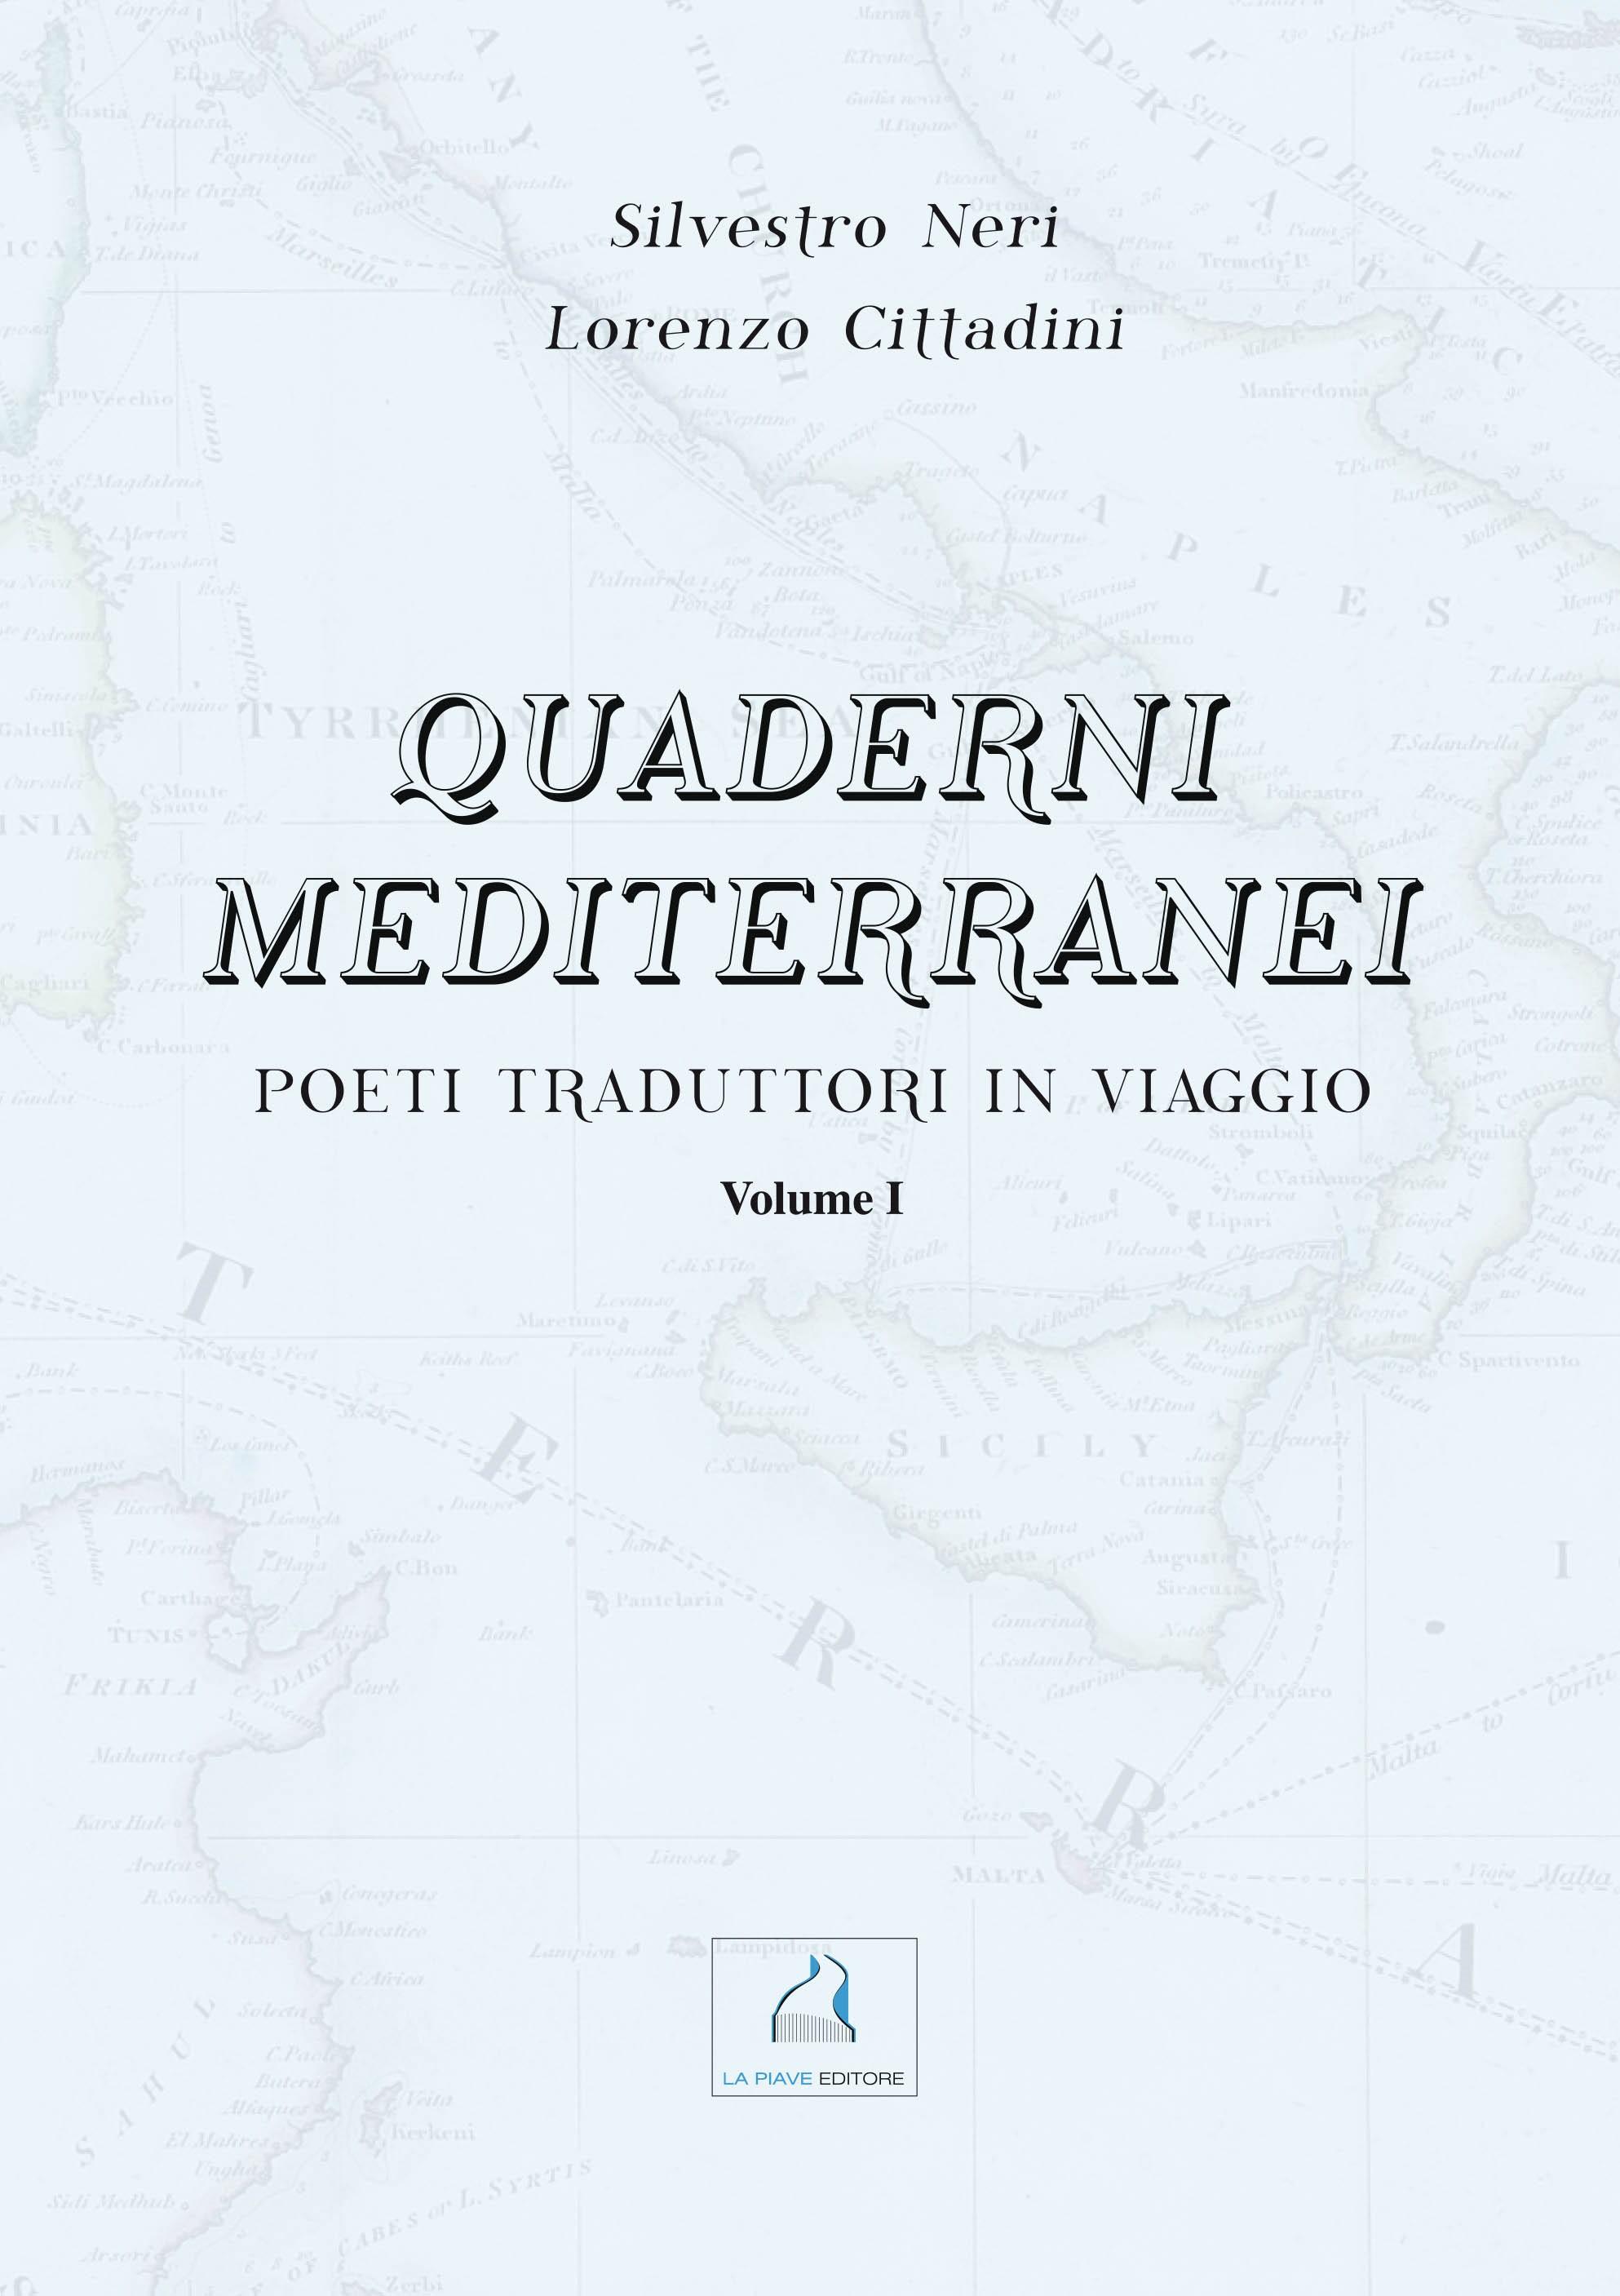 Quaderni mediterrranei